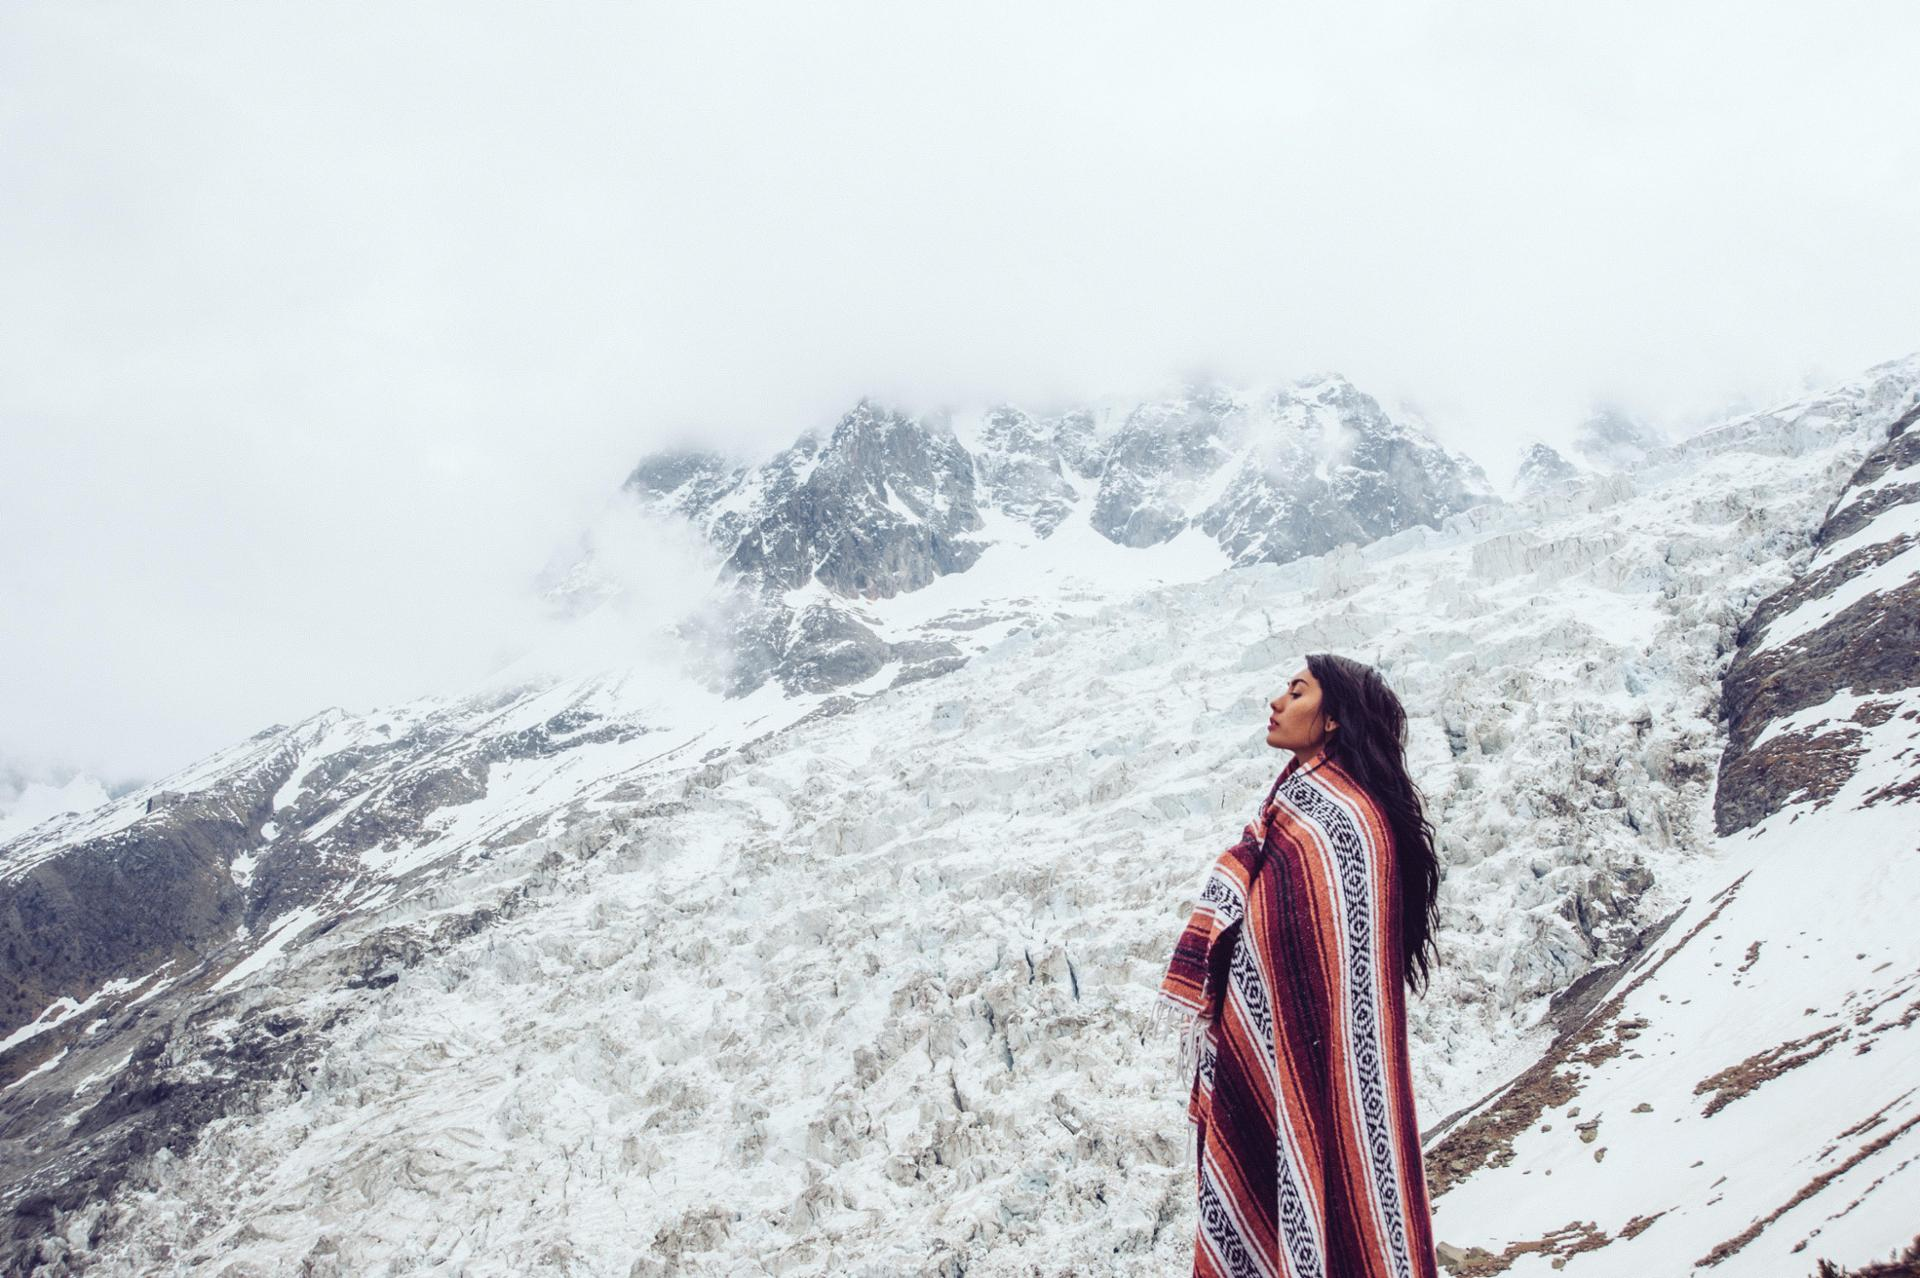 Exploring Alps